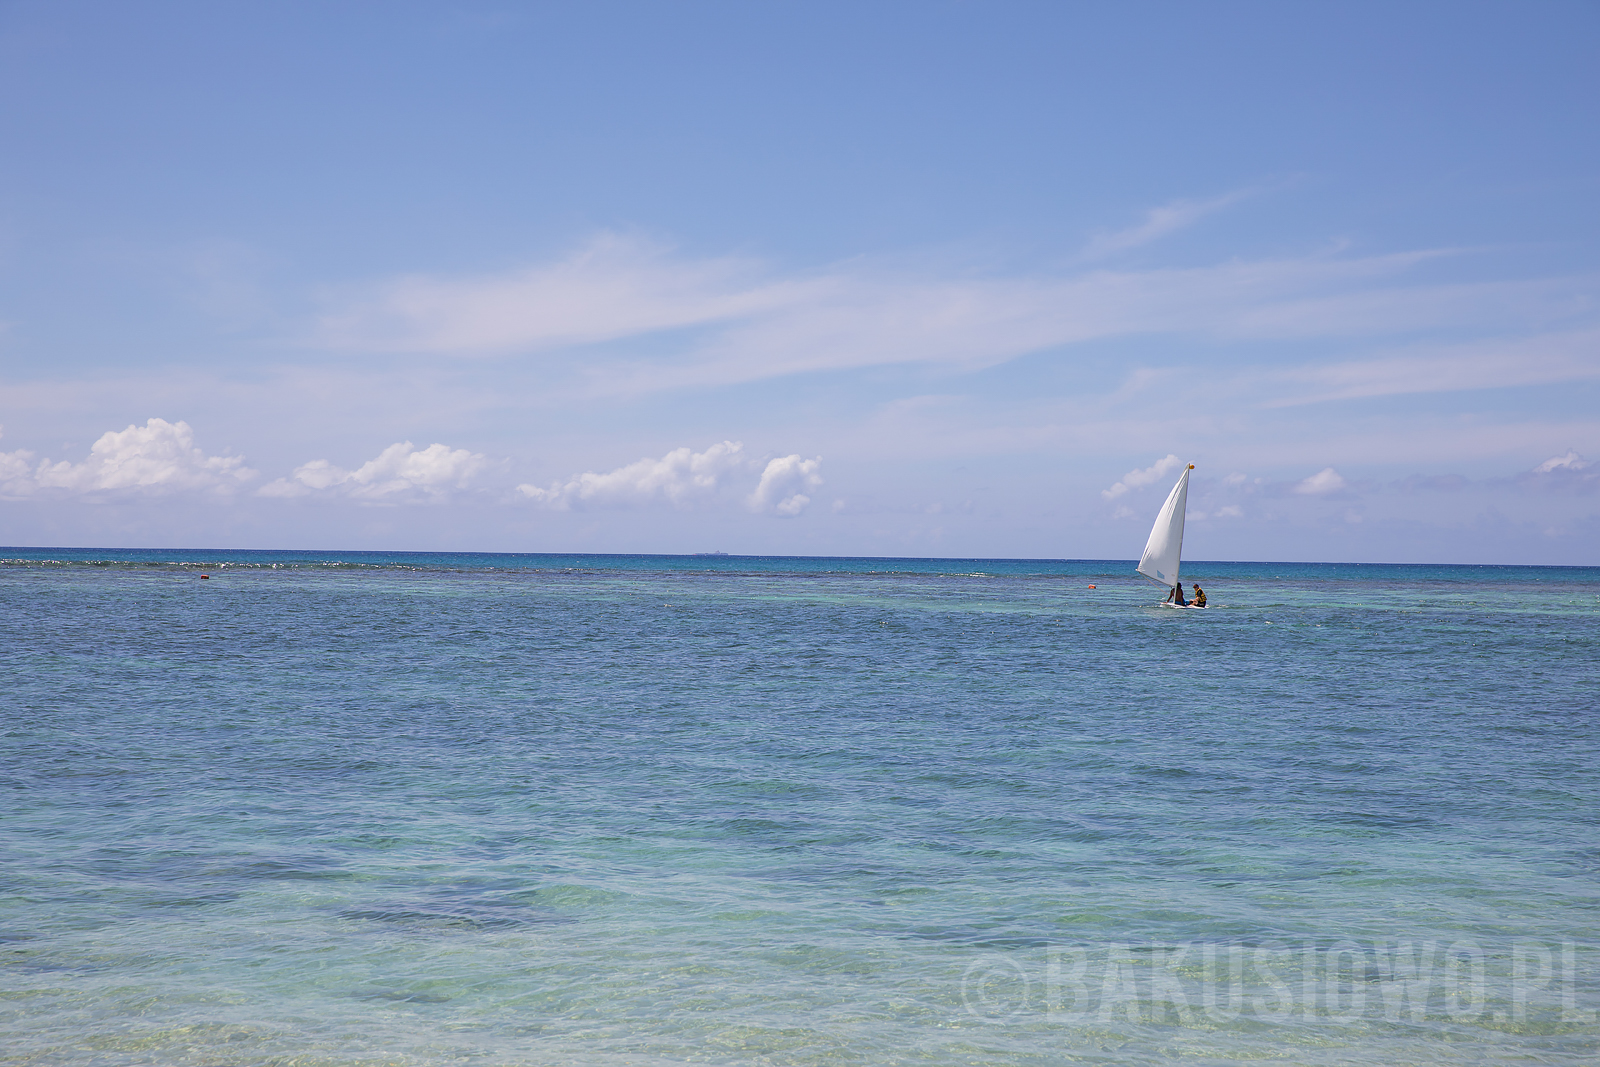 mauritius-le-meridien-photos-75